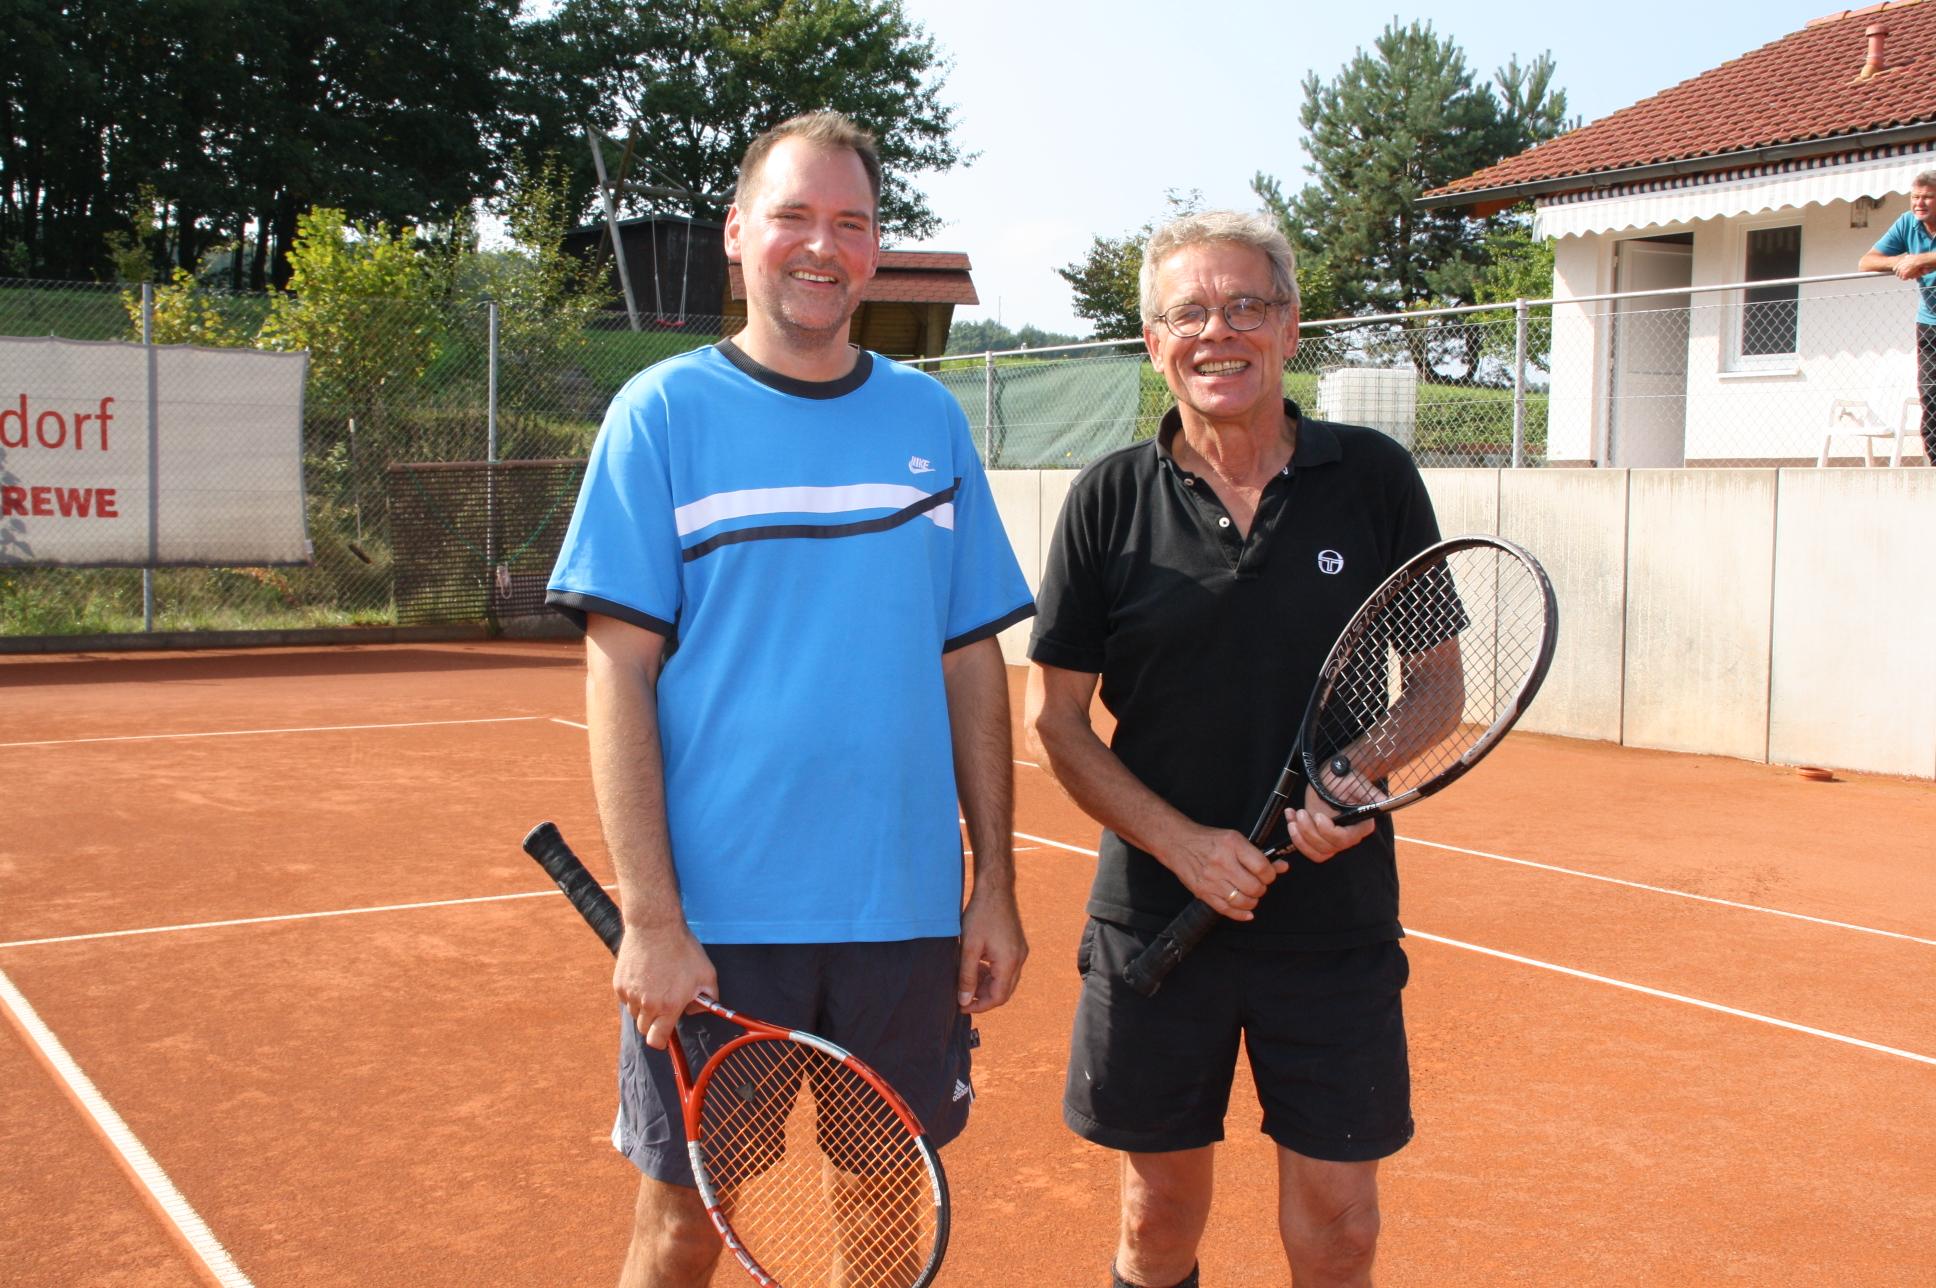 Vereinsvorsitzender Achim Leuchtenberger (rechts) holte im Finale gegen Lutz Breyer den Meistertitel.